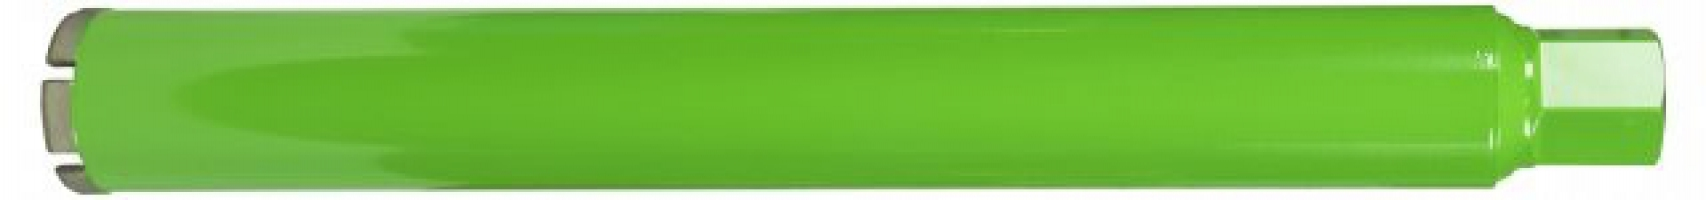 """24tool.ru Айбеншток Алмазные мокрые буровые коронки, 1 ¼ """"- Ø 61 мм Eibenstock"""